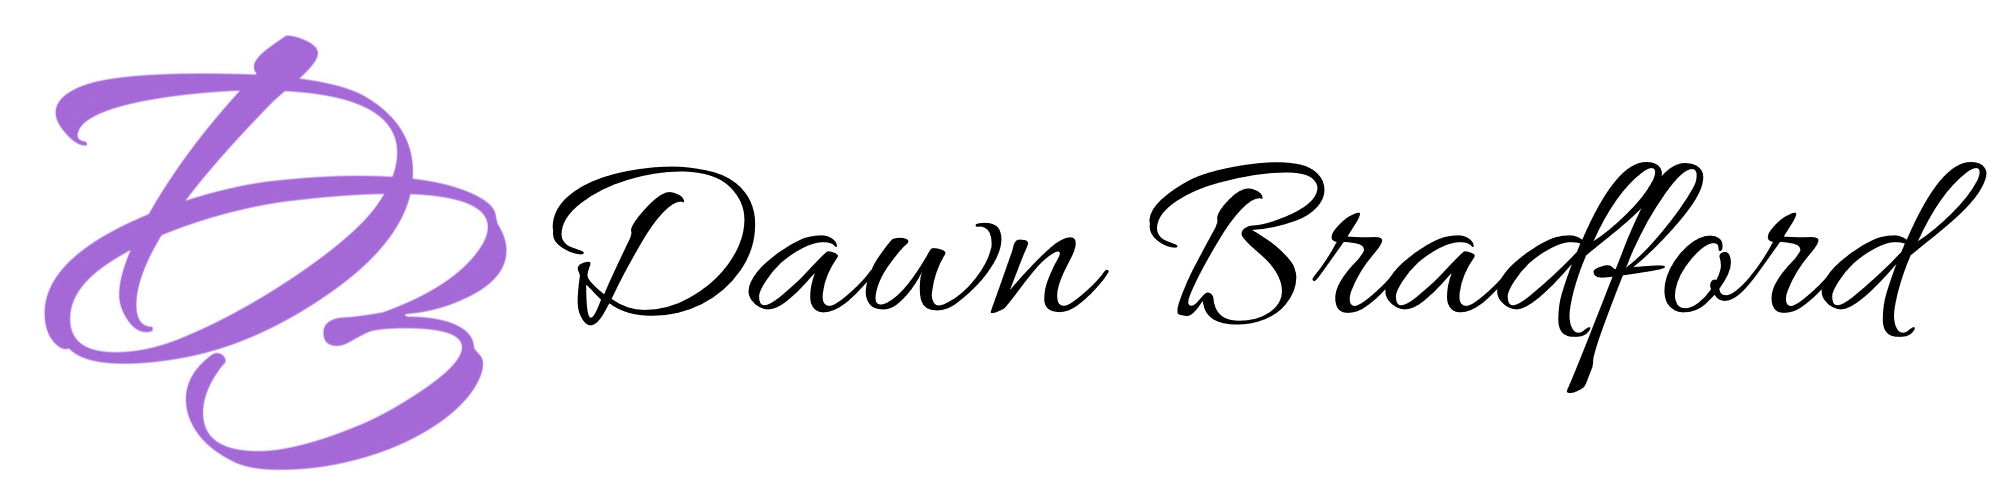 Dawn Bradford